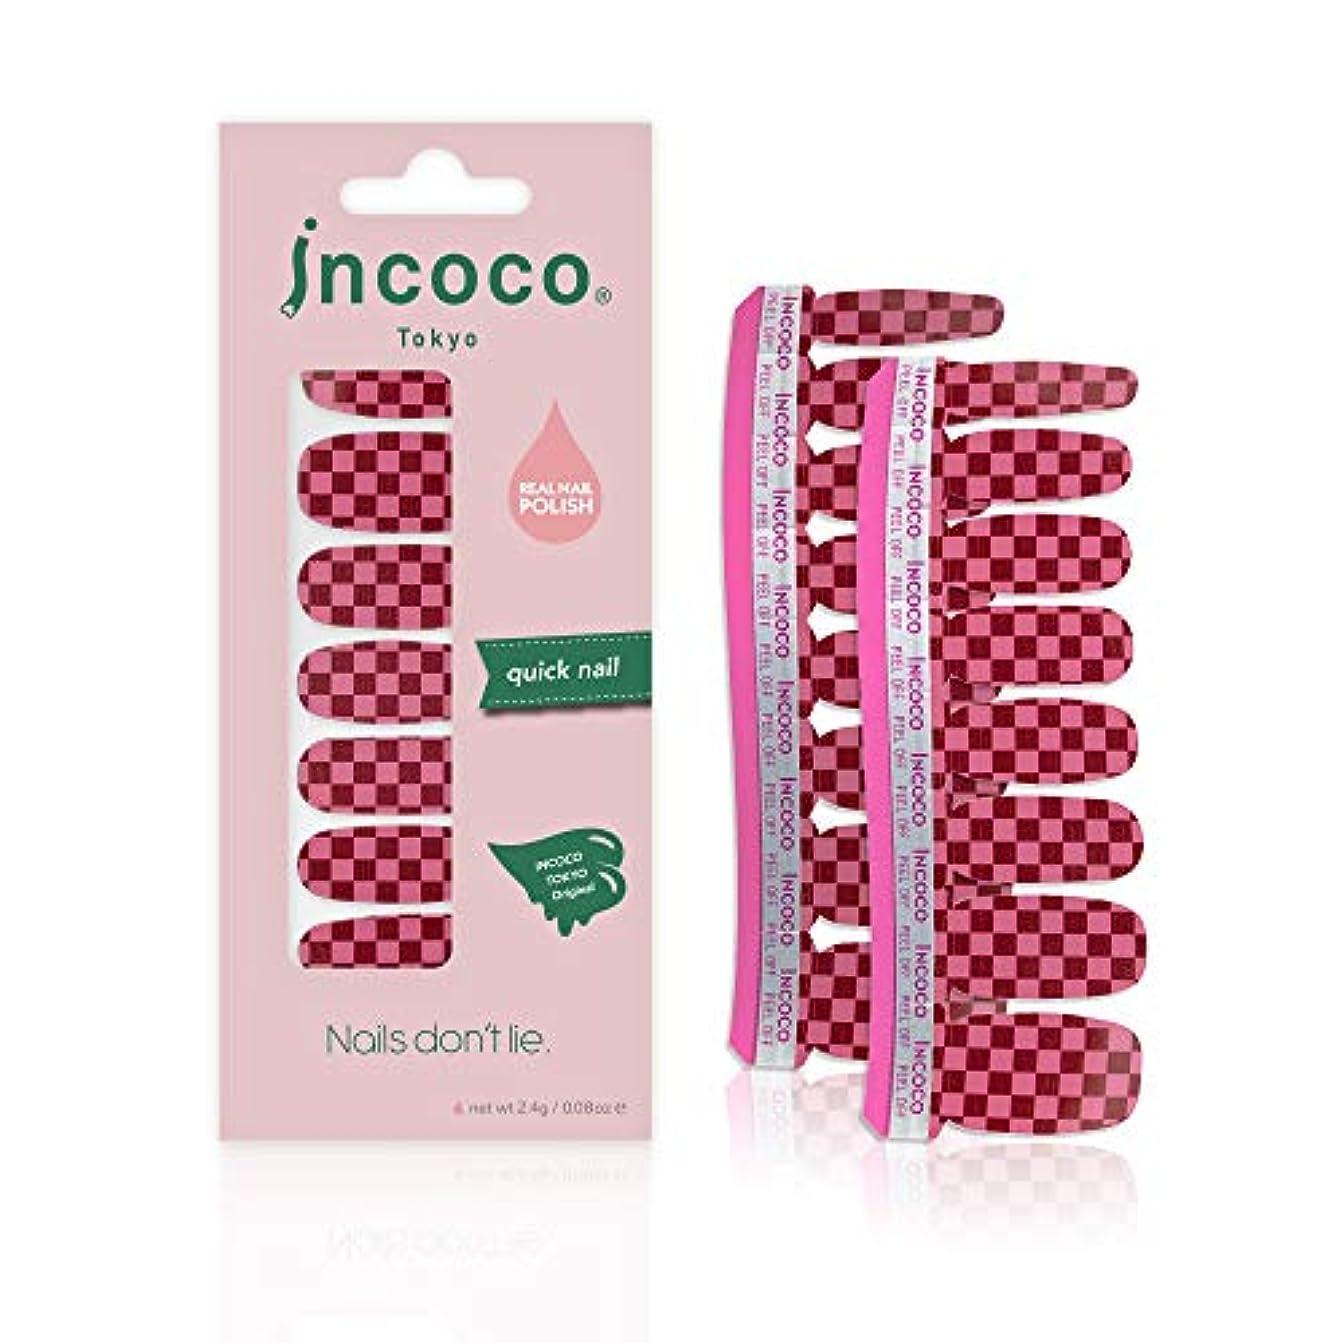 エスカレート宝かき混ぜるインココ トーキョー 「クリムゾン チェッカー」 (Crimson Checker)